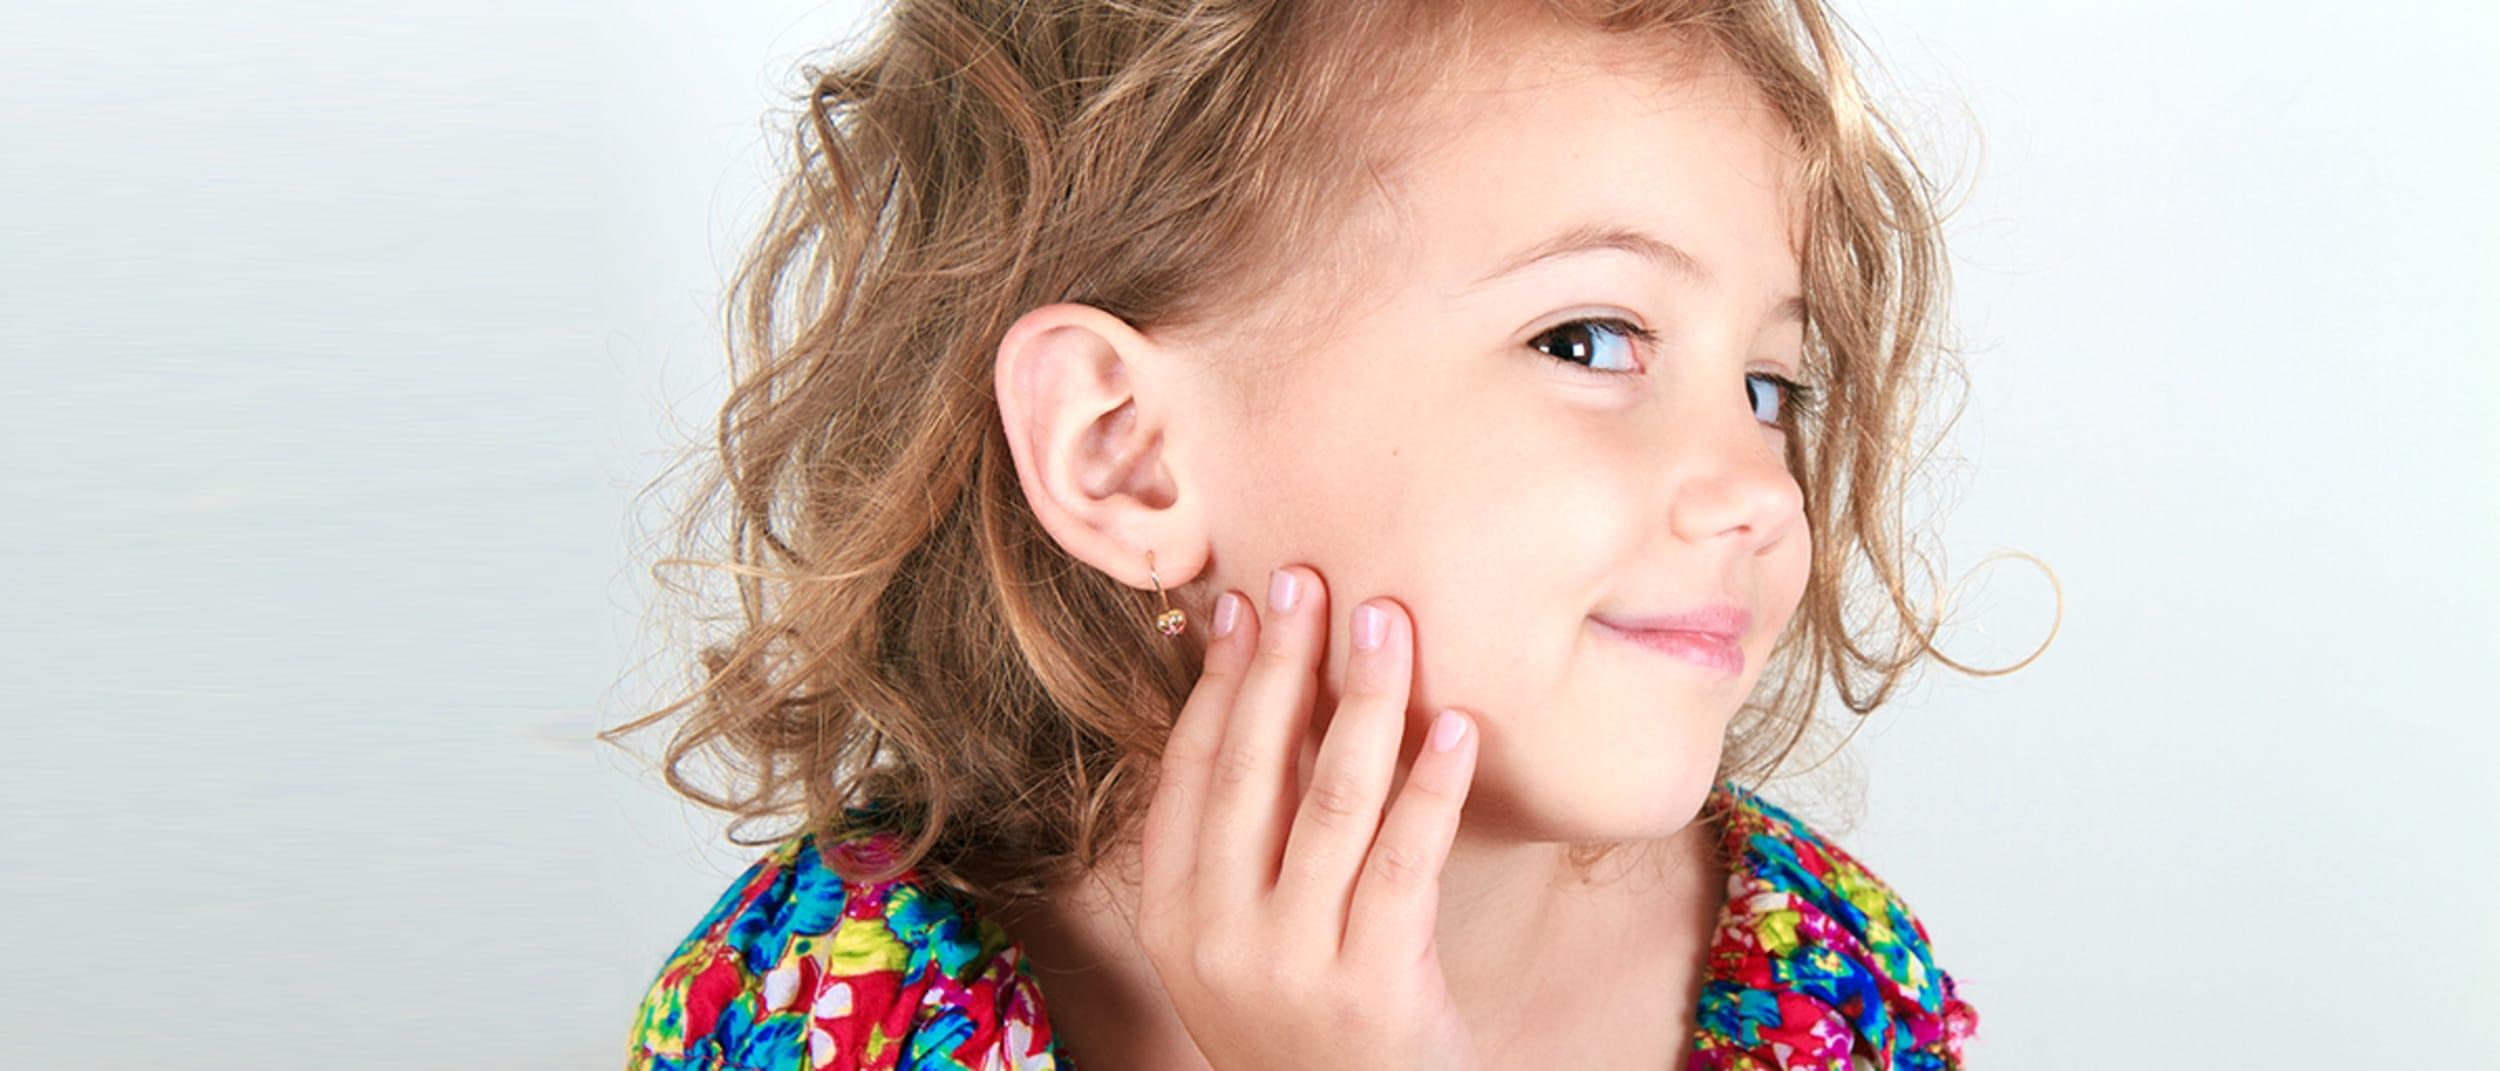 Essential Beauty: Children's ear piercing